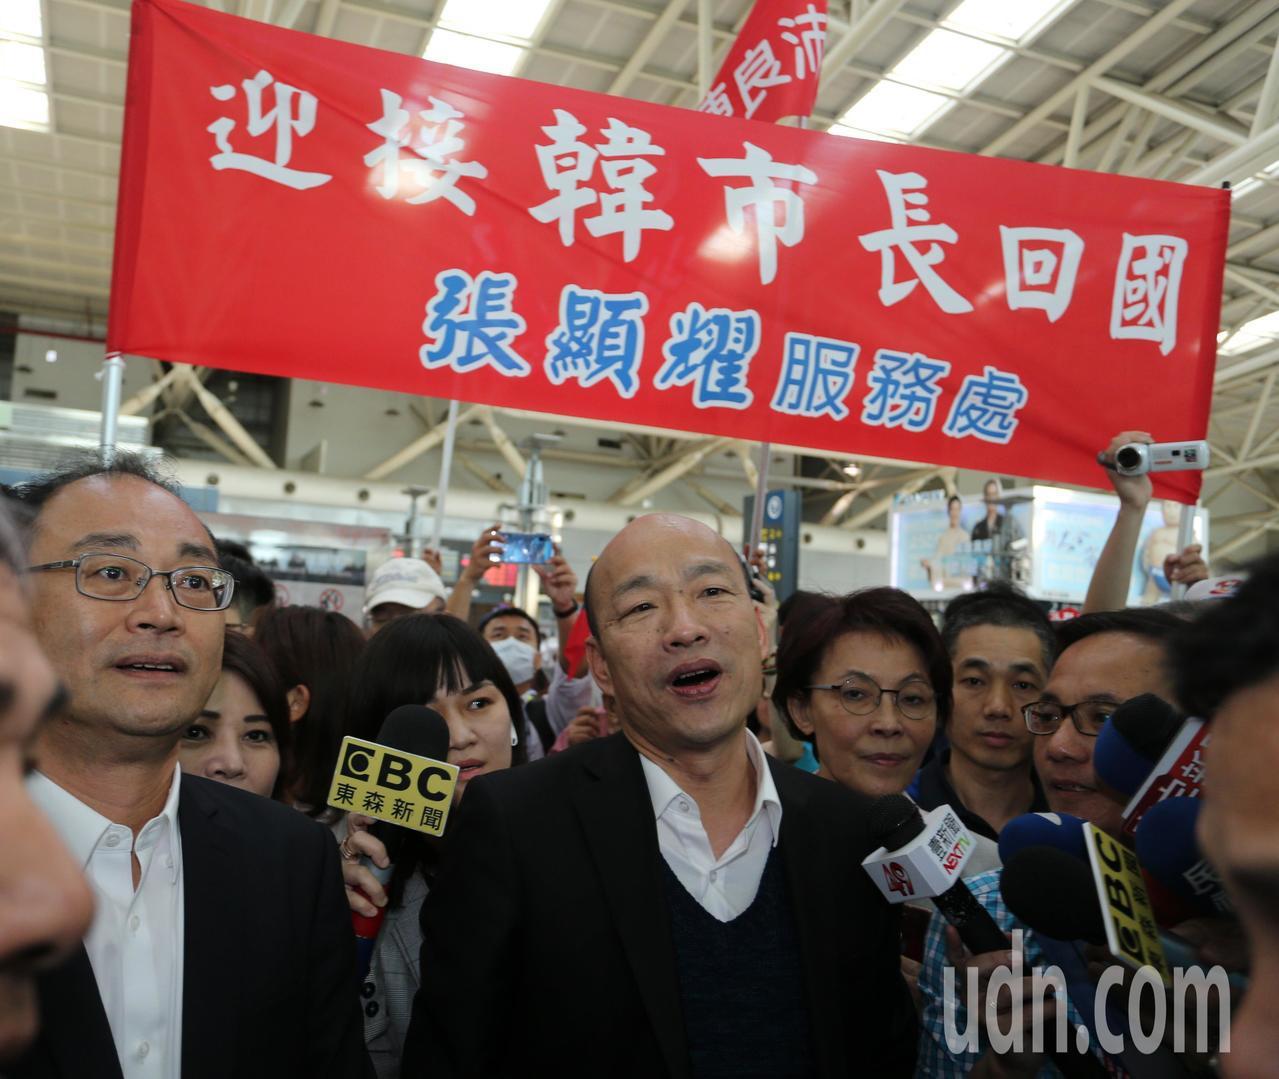 高雄市長韓國瑜今天上午從美國返國後,立即搭高鐵回高雄市府上班,抵達左營高鐵站後民...